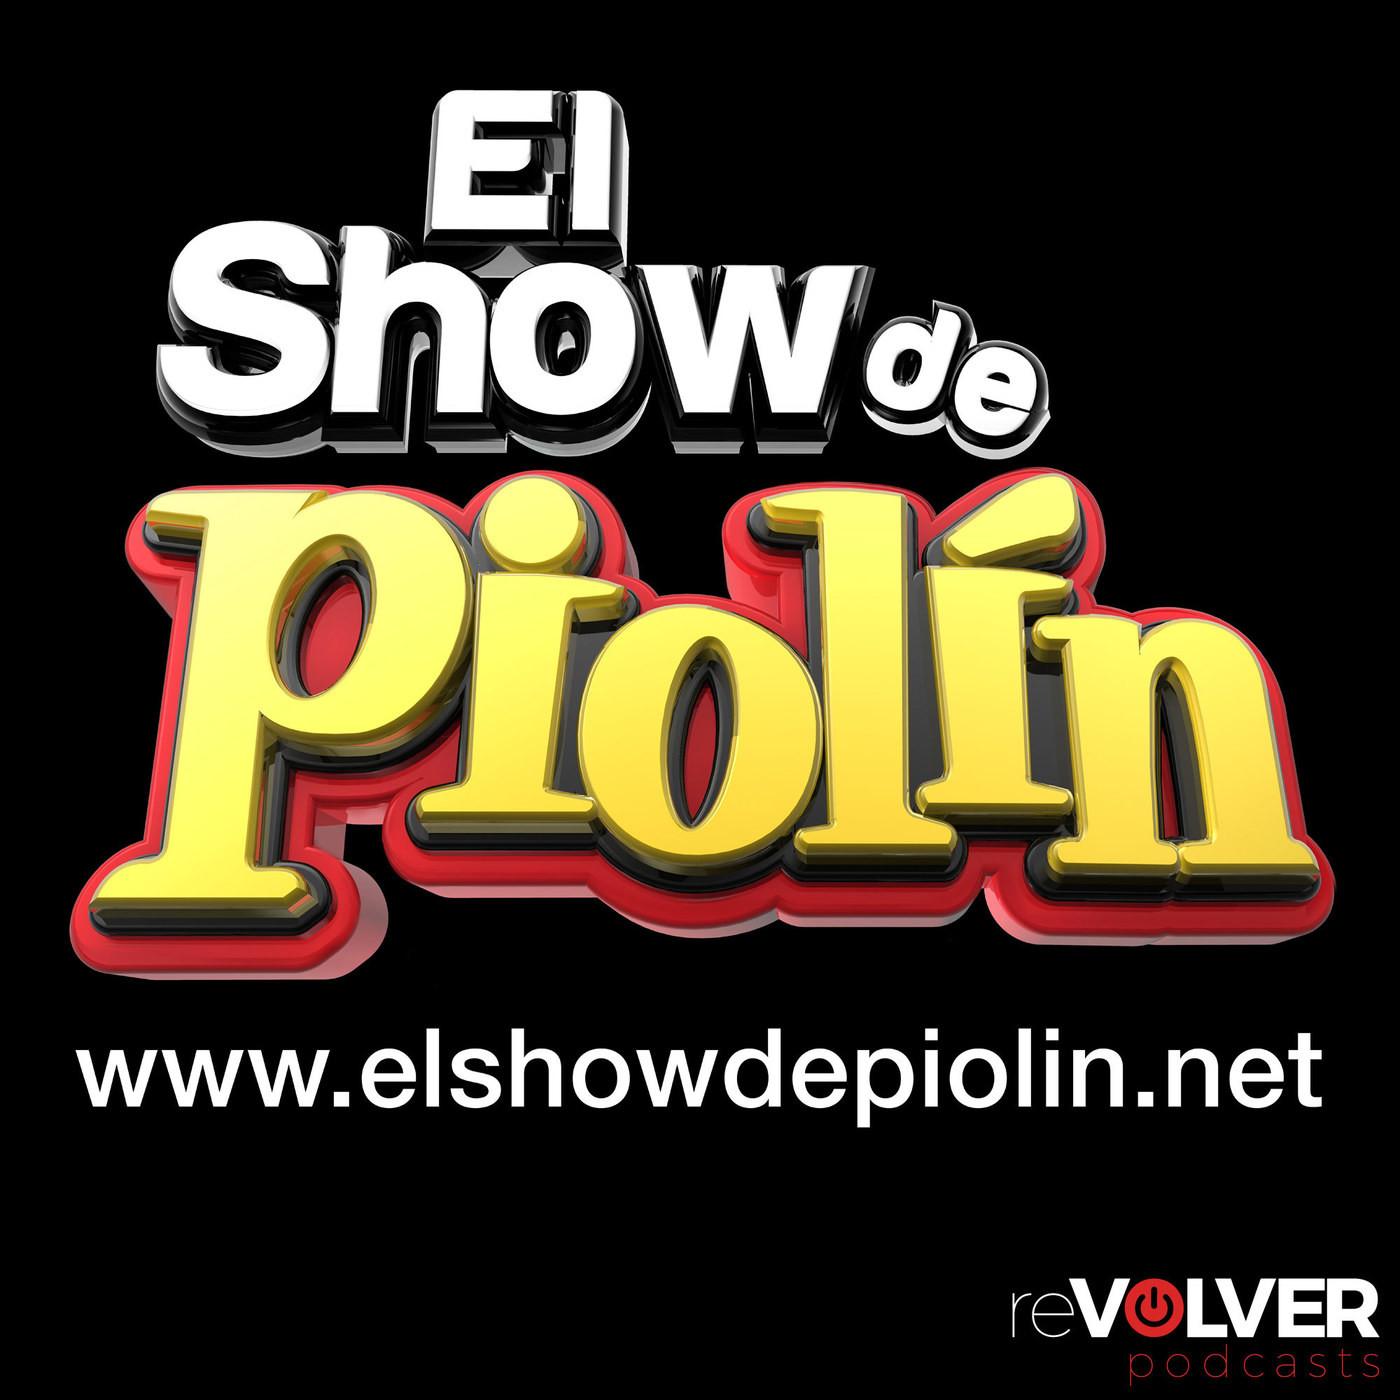 Episode 1162 (Octuber 20, 2020) Miembro del Show de Piolin quiere terminar con su novia por llamada, escúchalo!